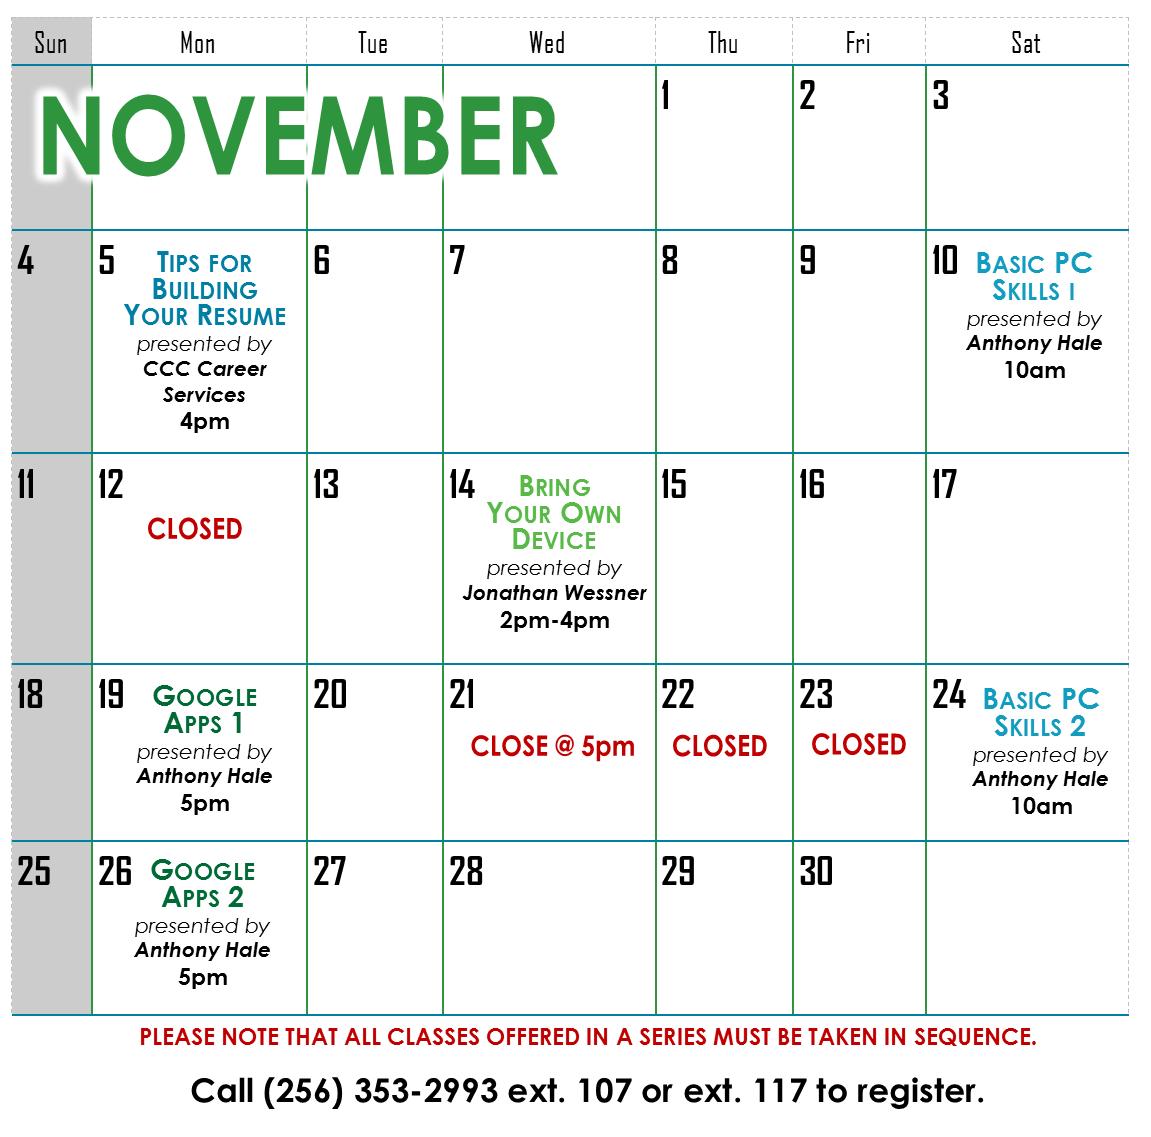 NOV2018 Calendar for website